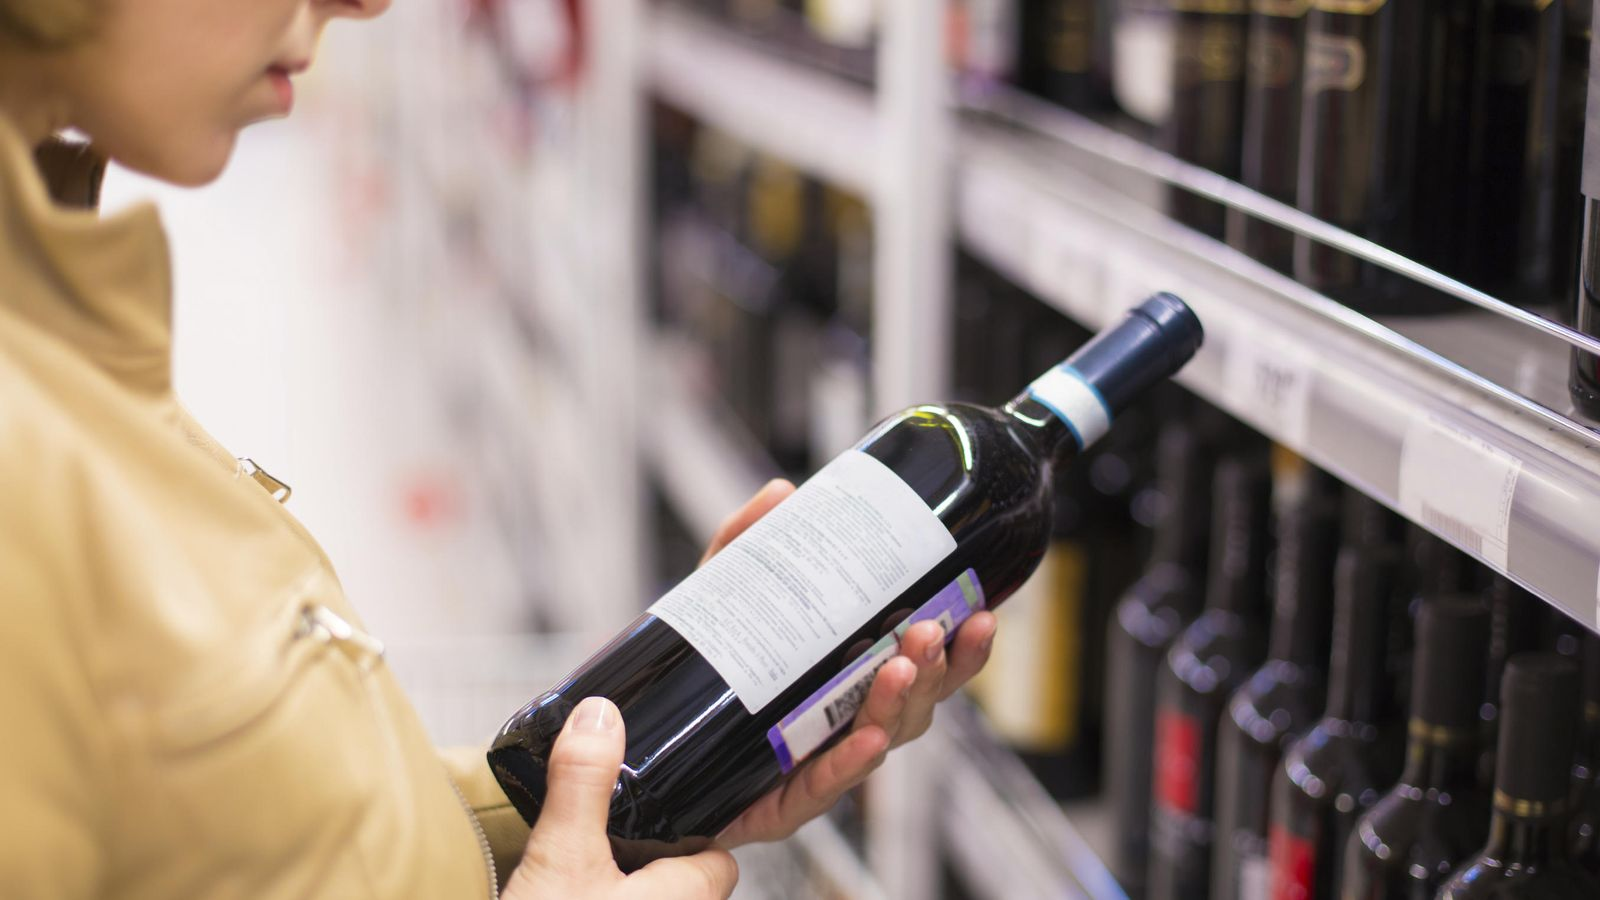 Foto: La etiqueta puede darnos muchas pistas sobre el vino, pero no es oro todo lo que reluce. (iStock)